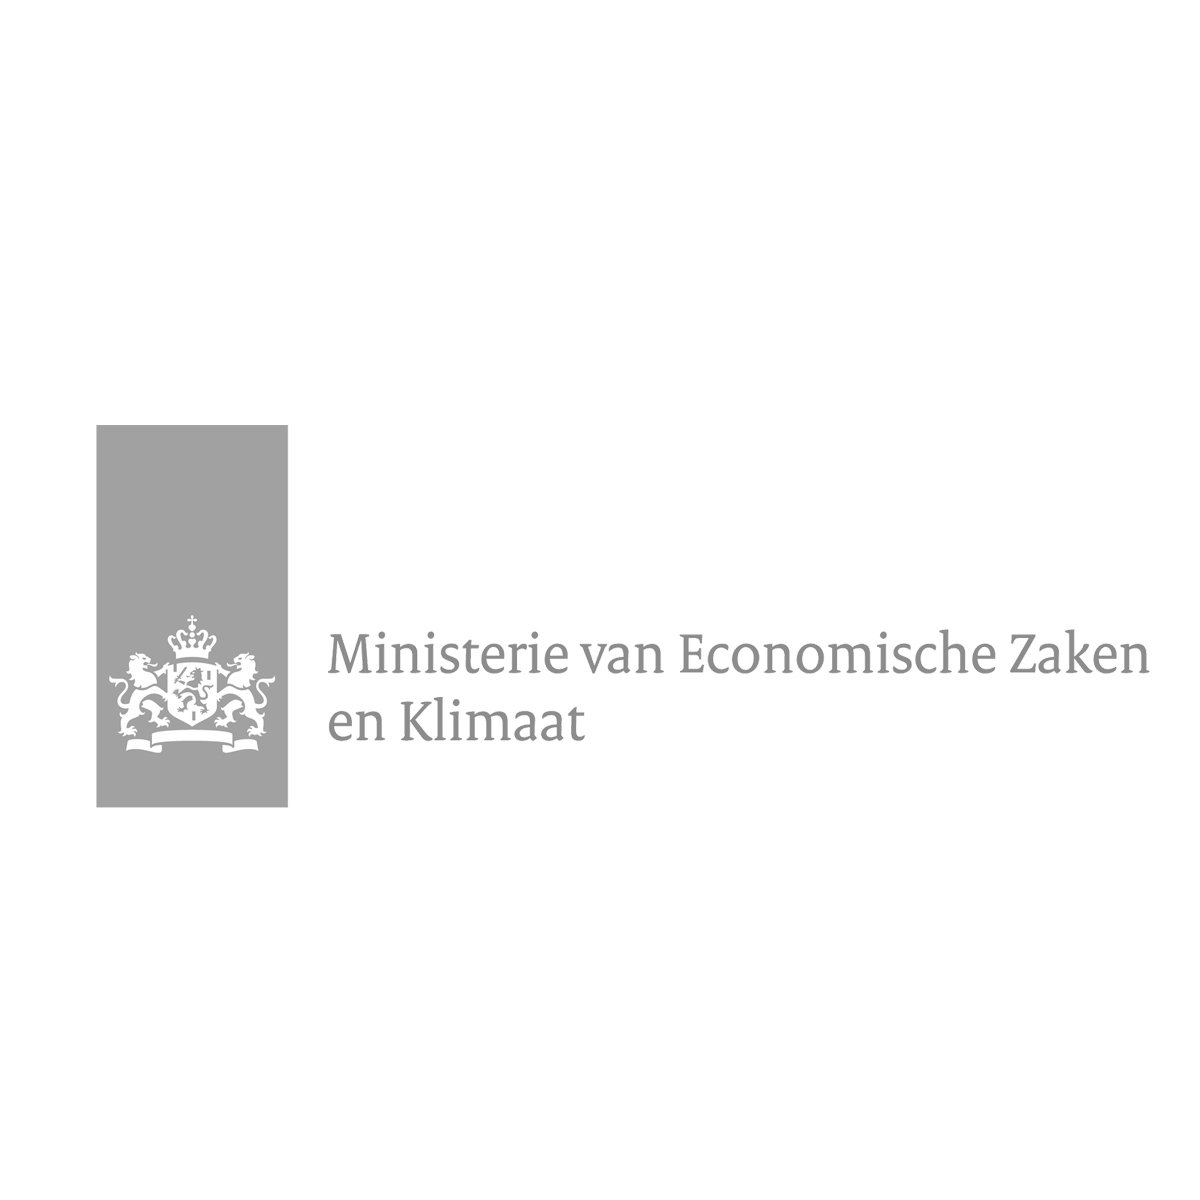 Ministerie van Economische Zaken en Klimaat logo